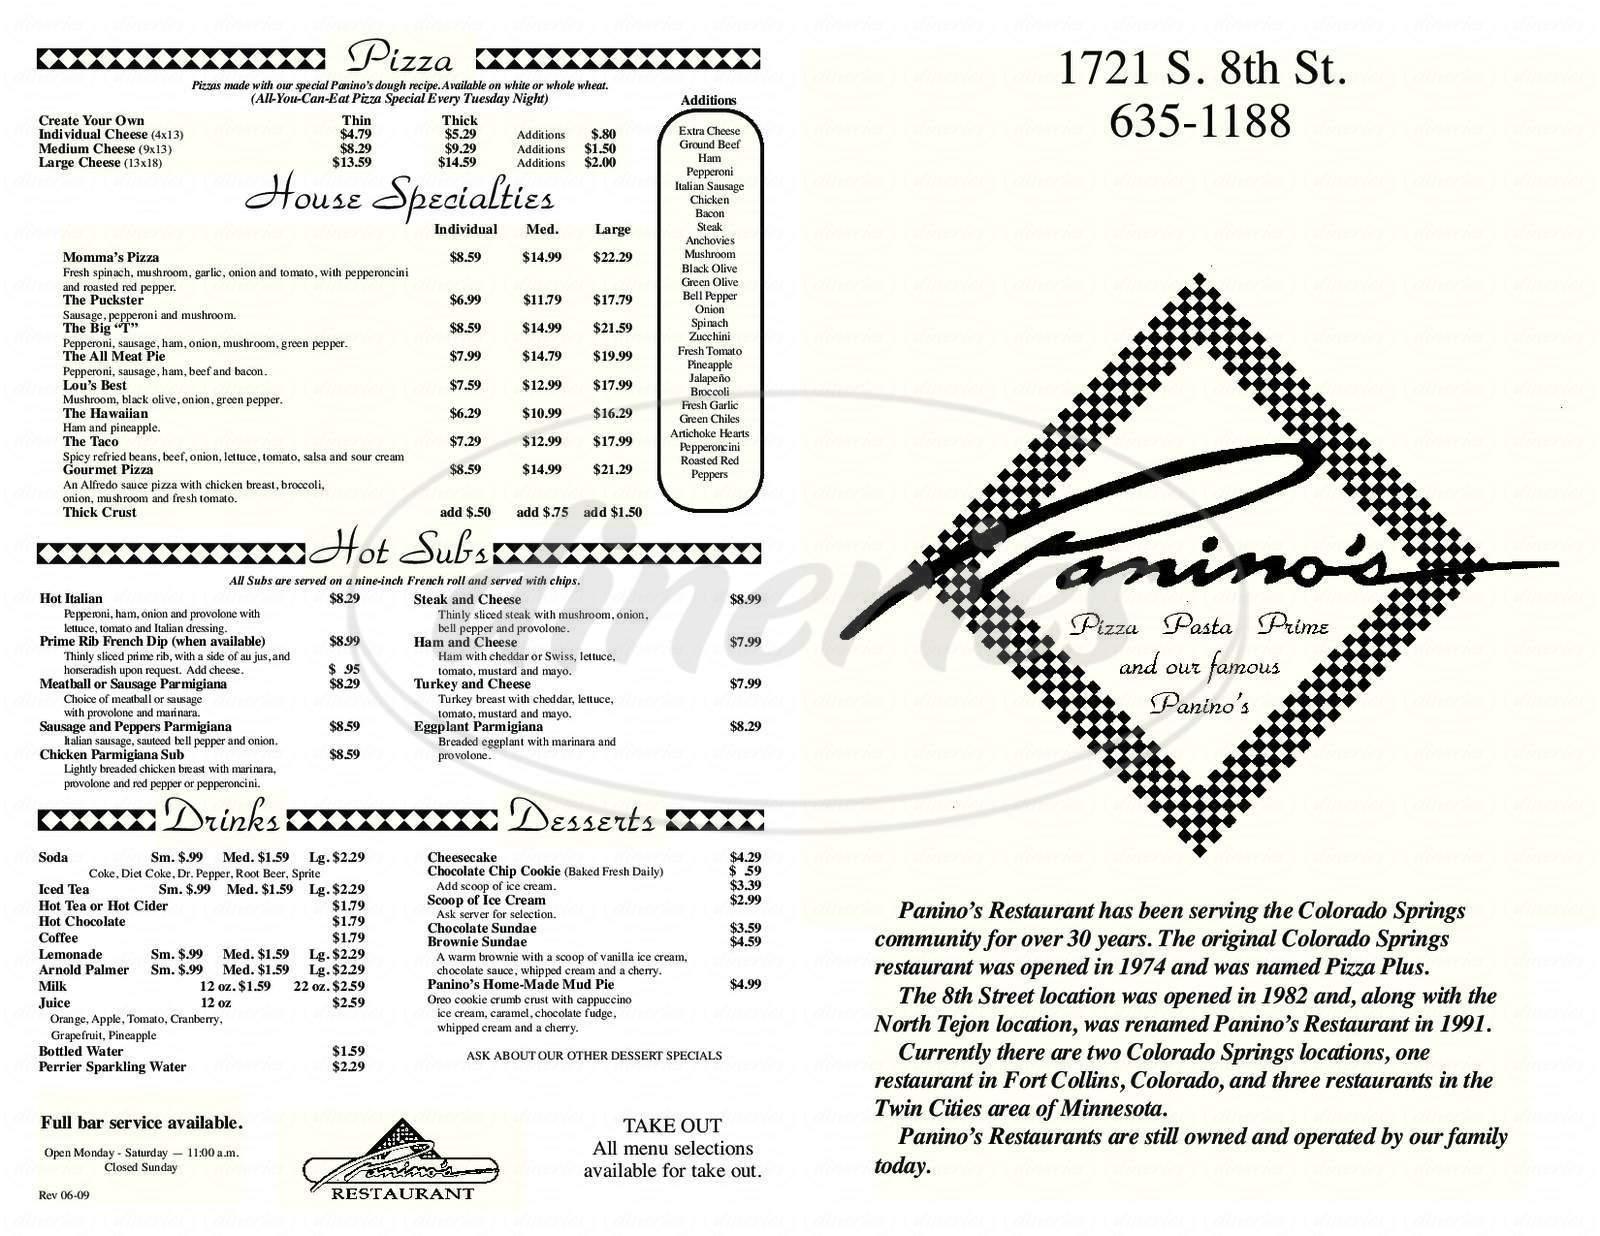 menu for Panino's Restaurant